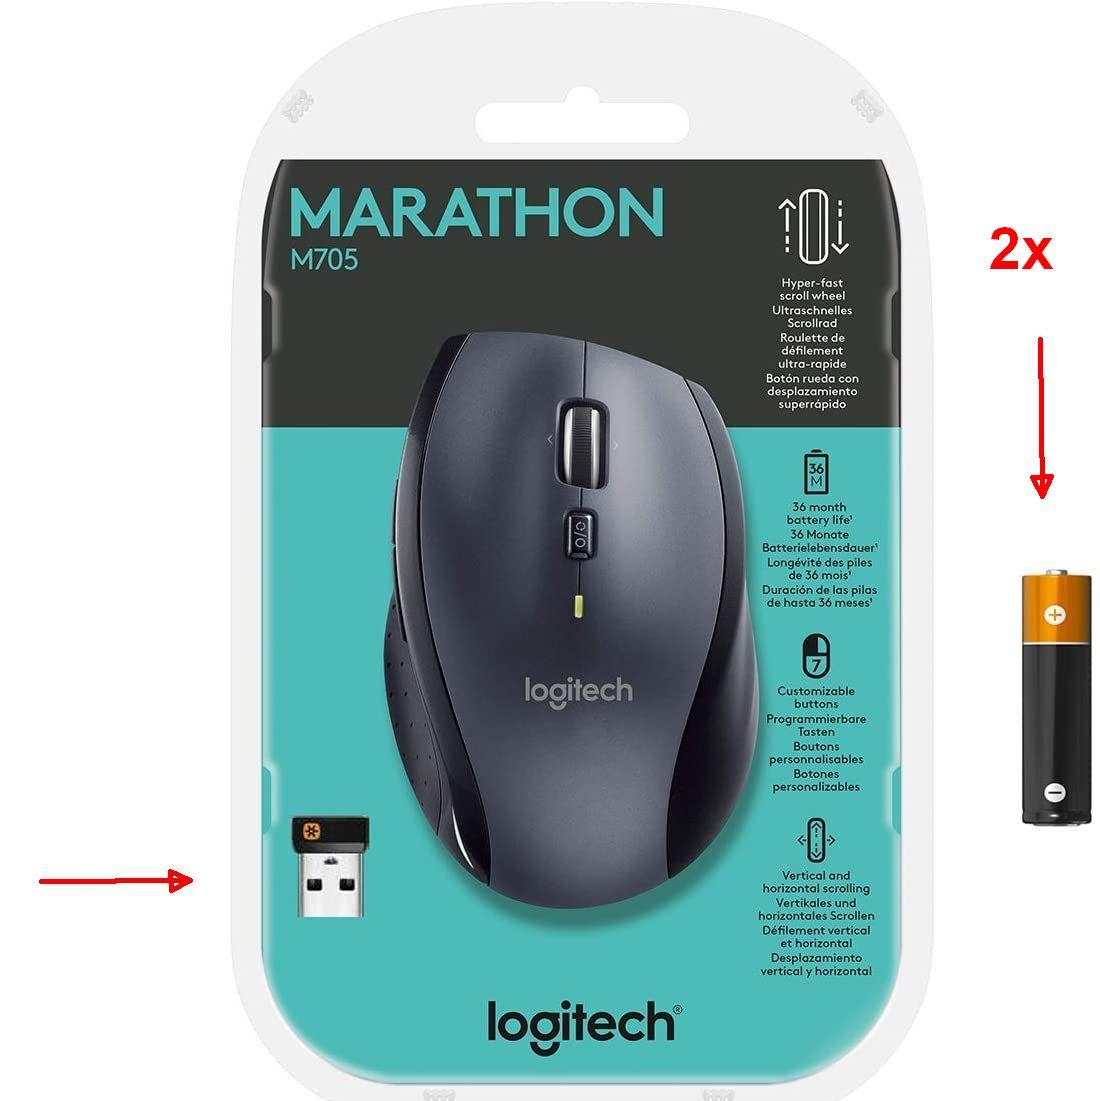 Logitech Marathon Mouse M705 met Unifying USB-ontvanger @Amazon NL